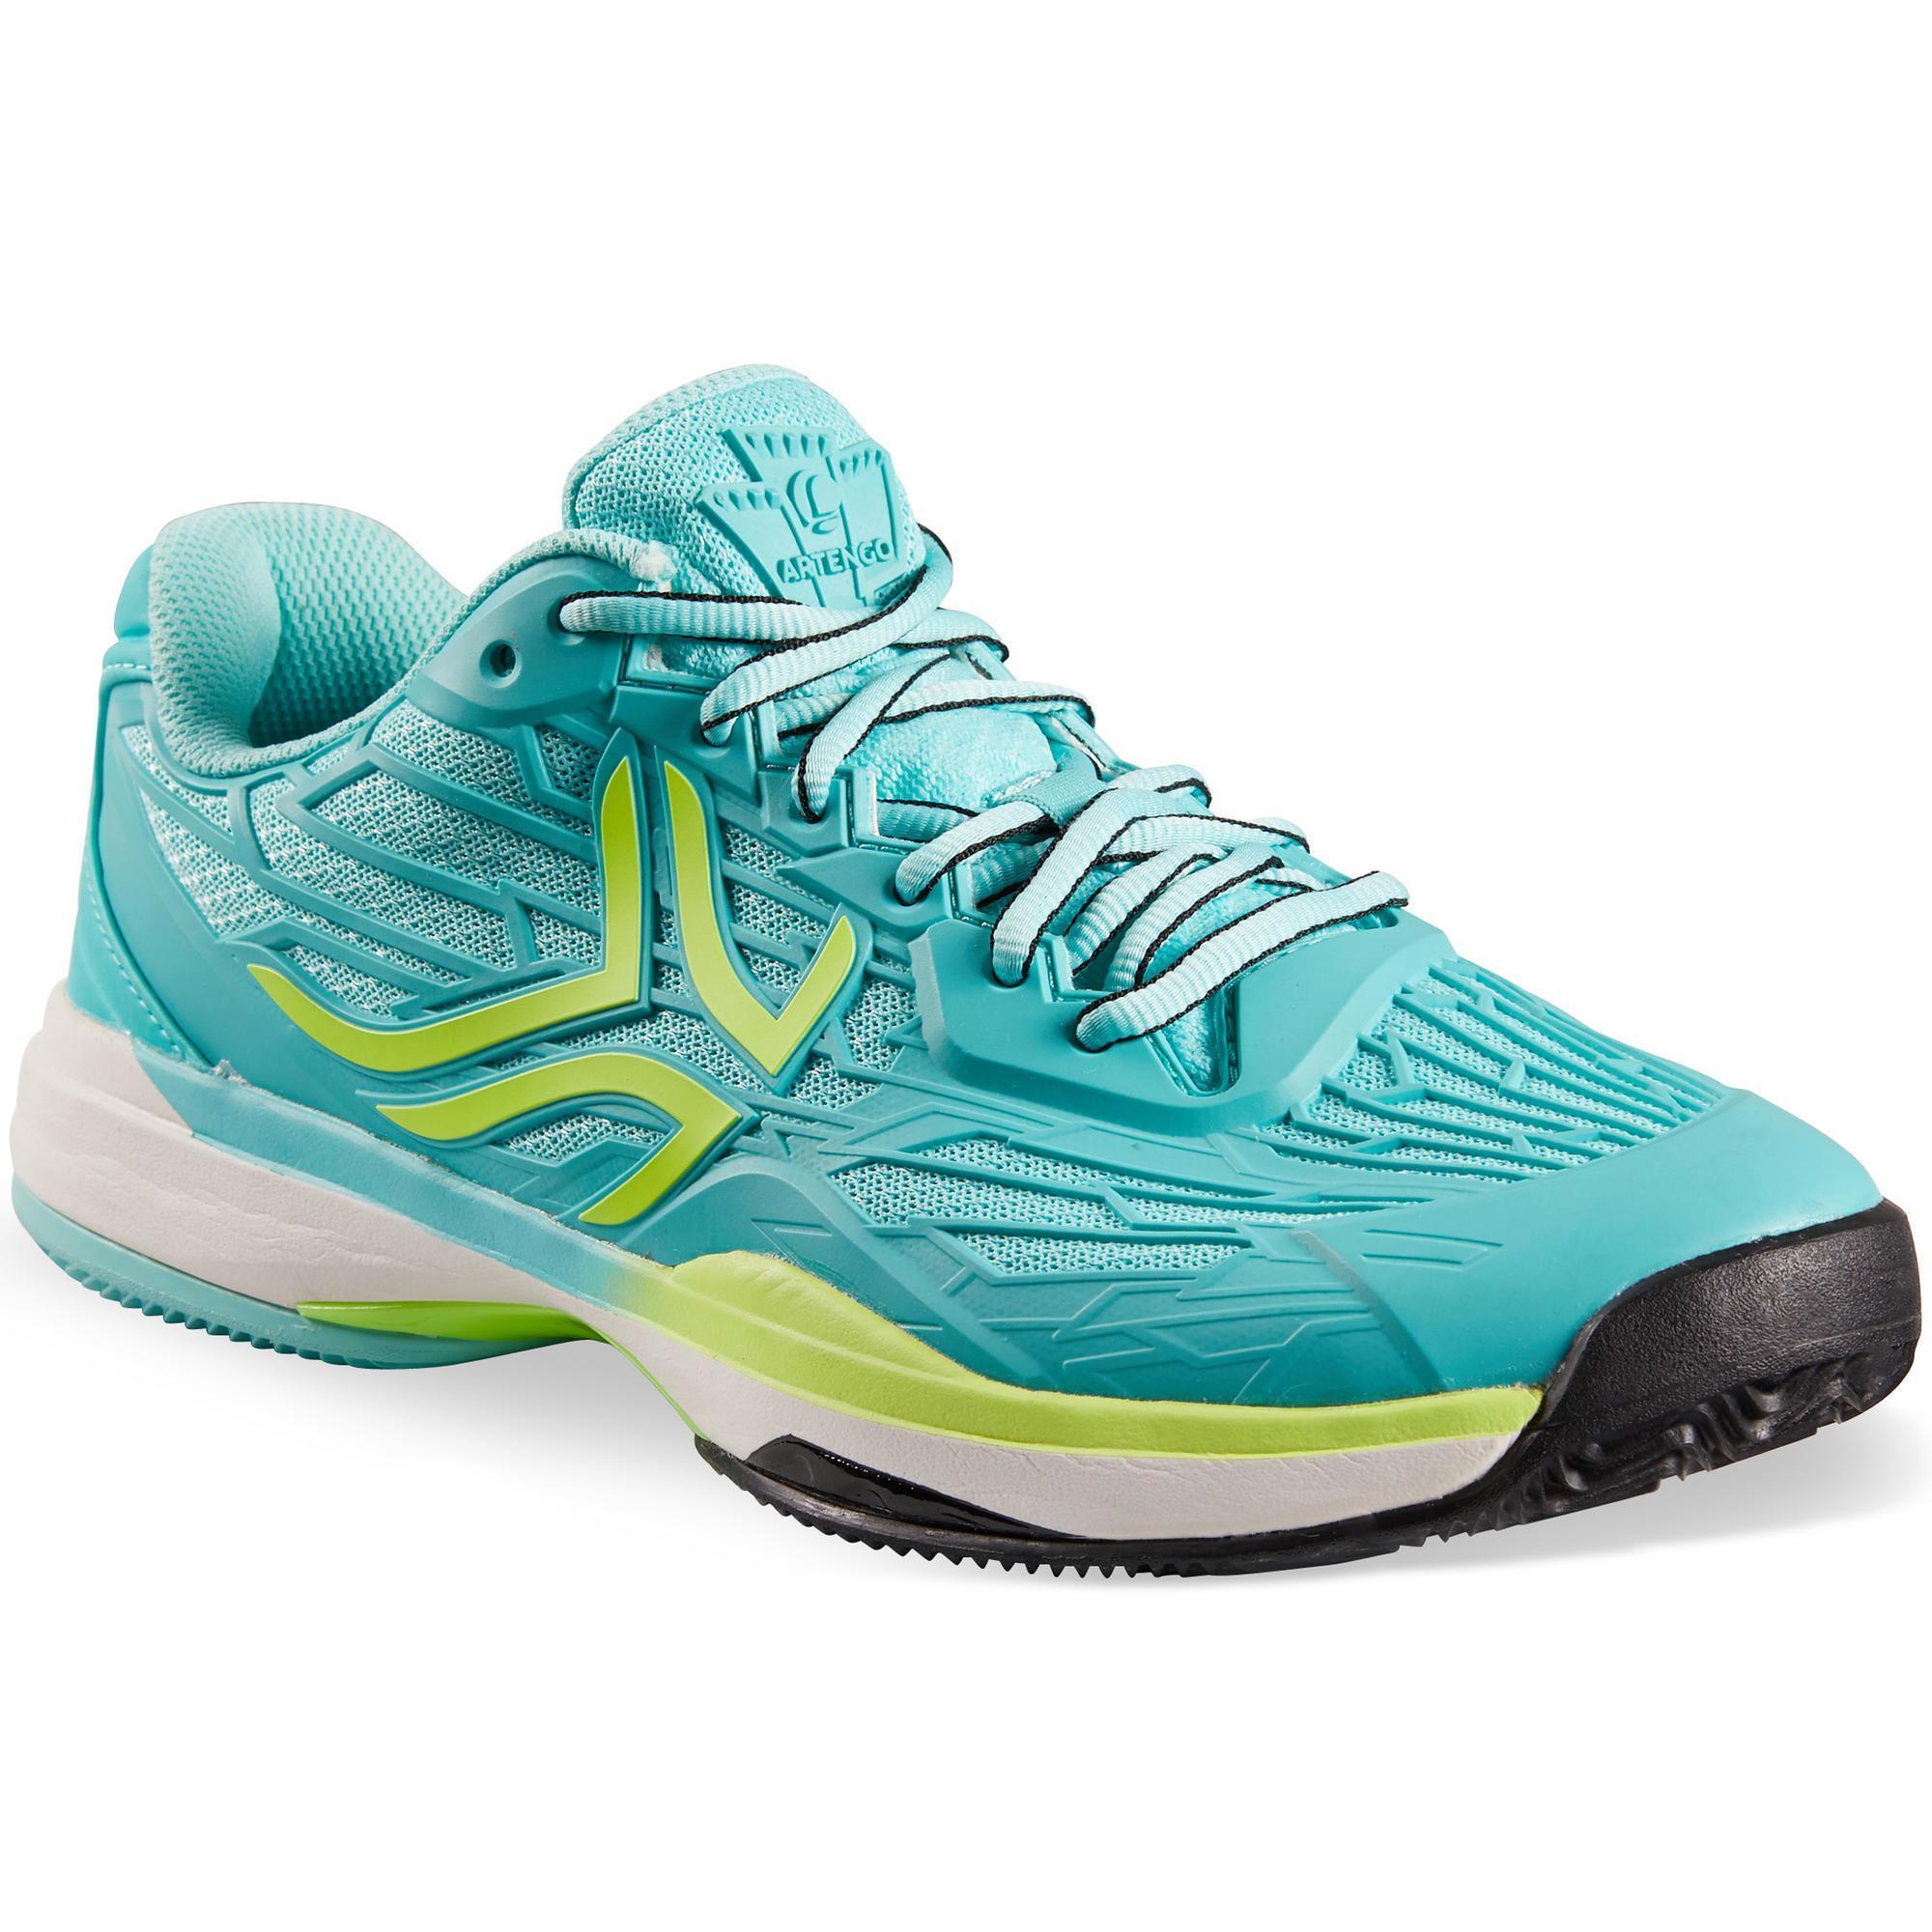 huge discount 45f0f 5aa6b Chaussures de Tennis | Decathlon